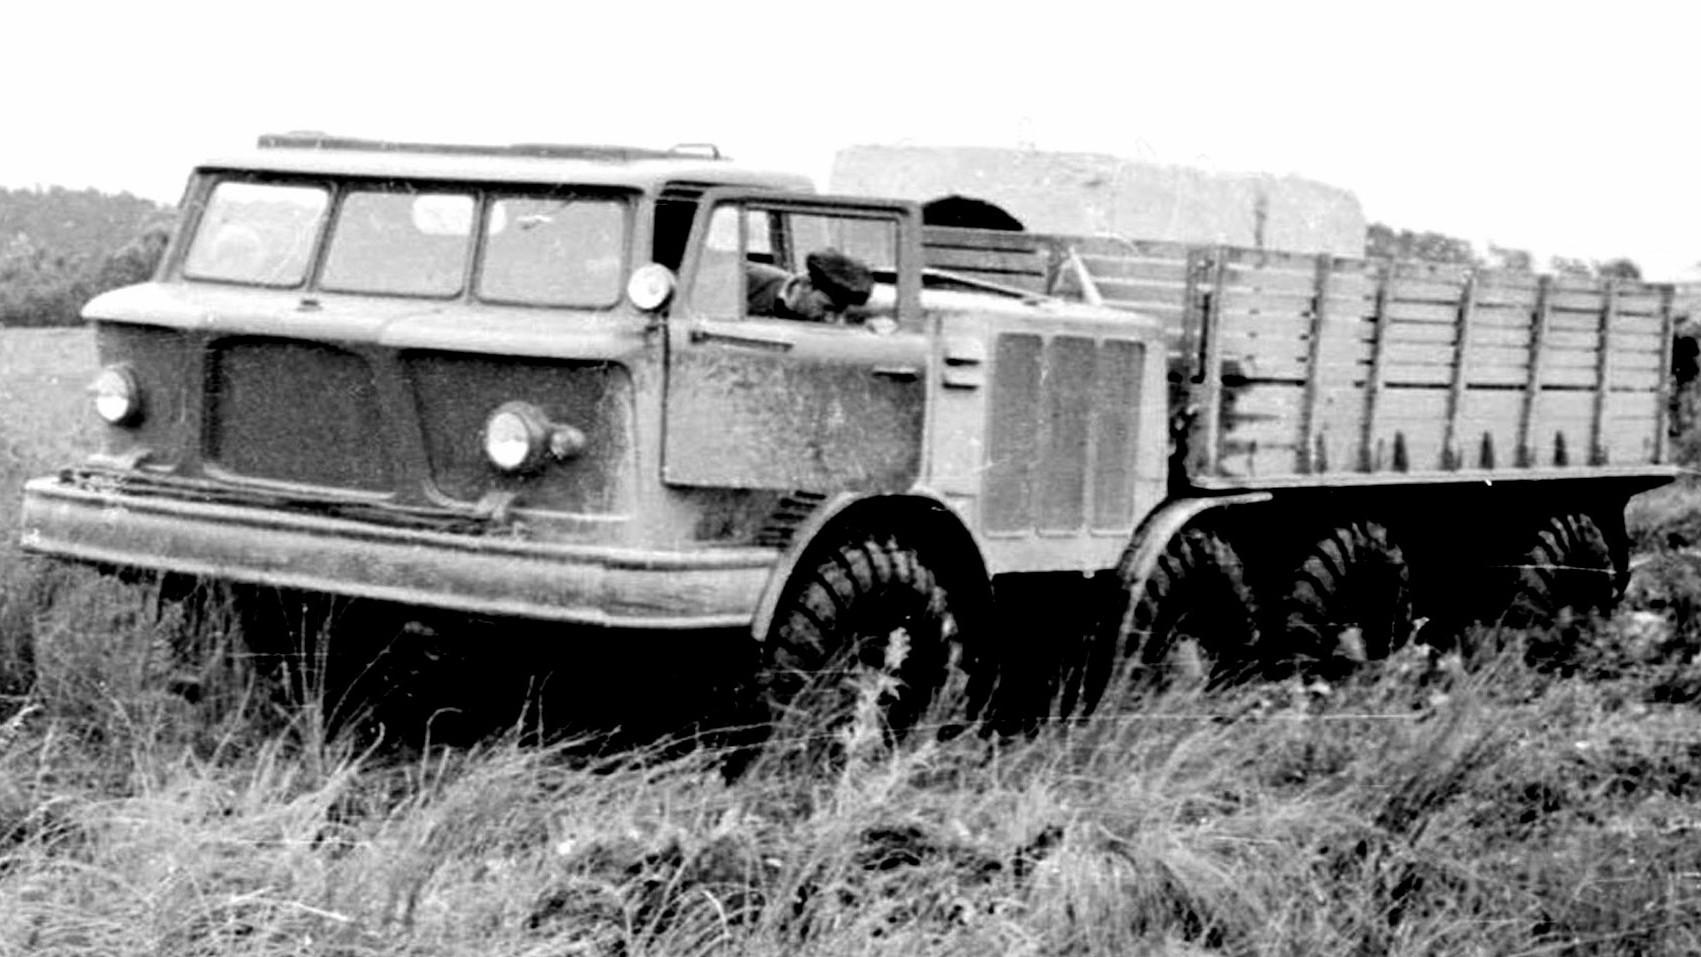 Опытный грузовик ЗИЛ-135ЛМ с механической трансмиссией. 1963 год